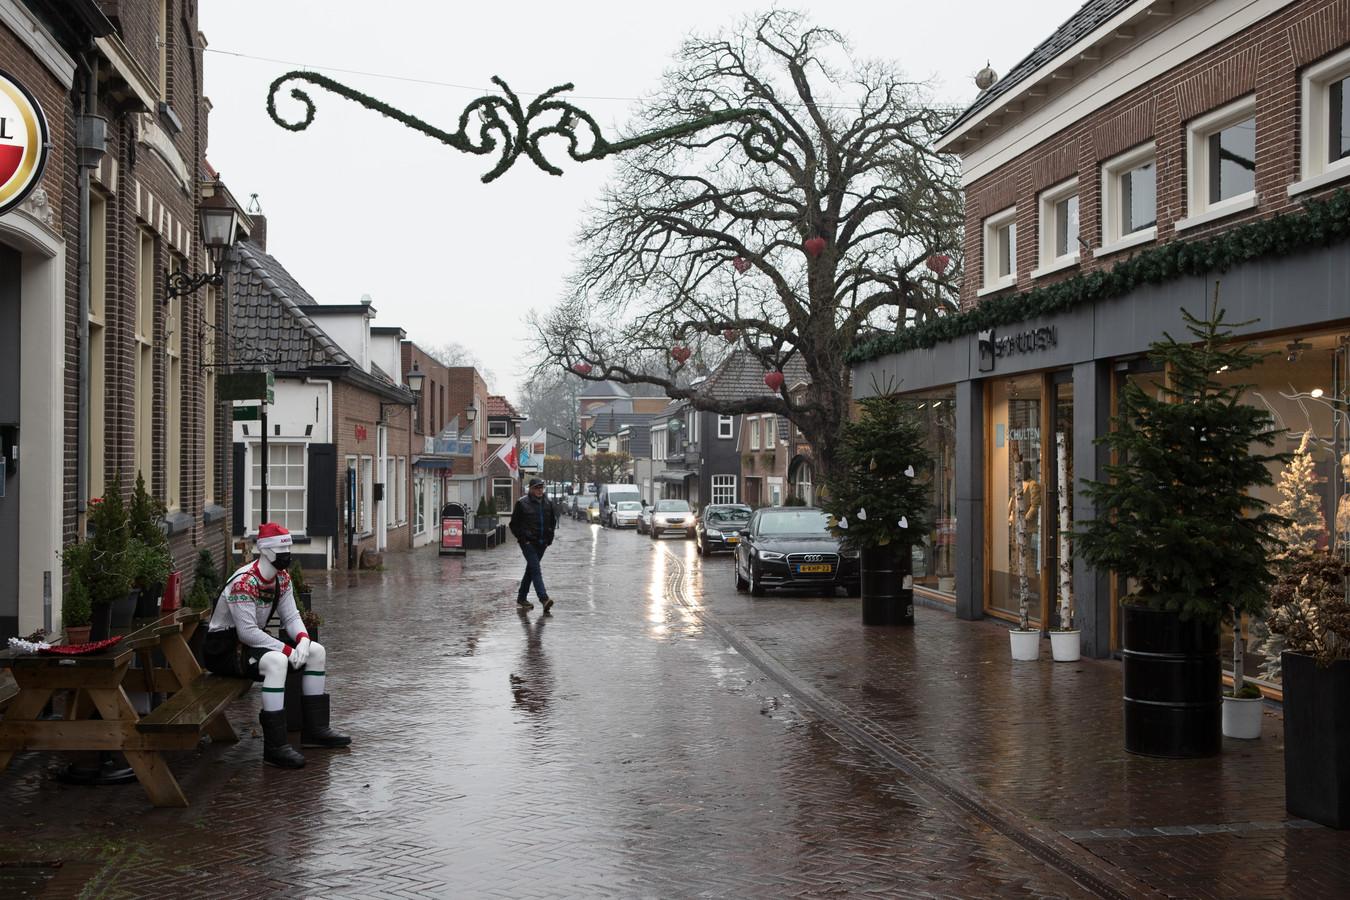 Stilte in de Wijhese Langstraat, maar de ondernemers van  de gesloten winkels zitten niet stil.